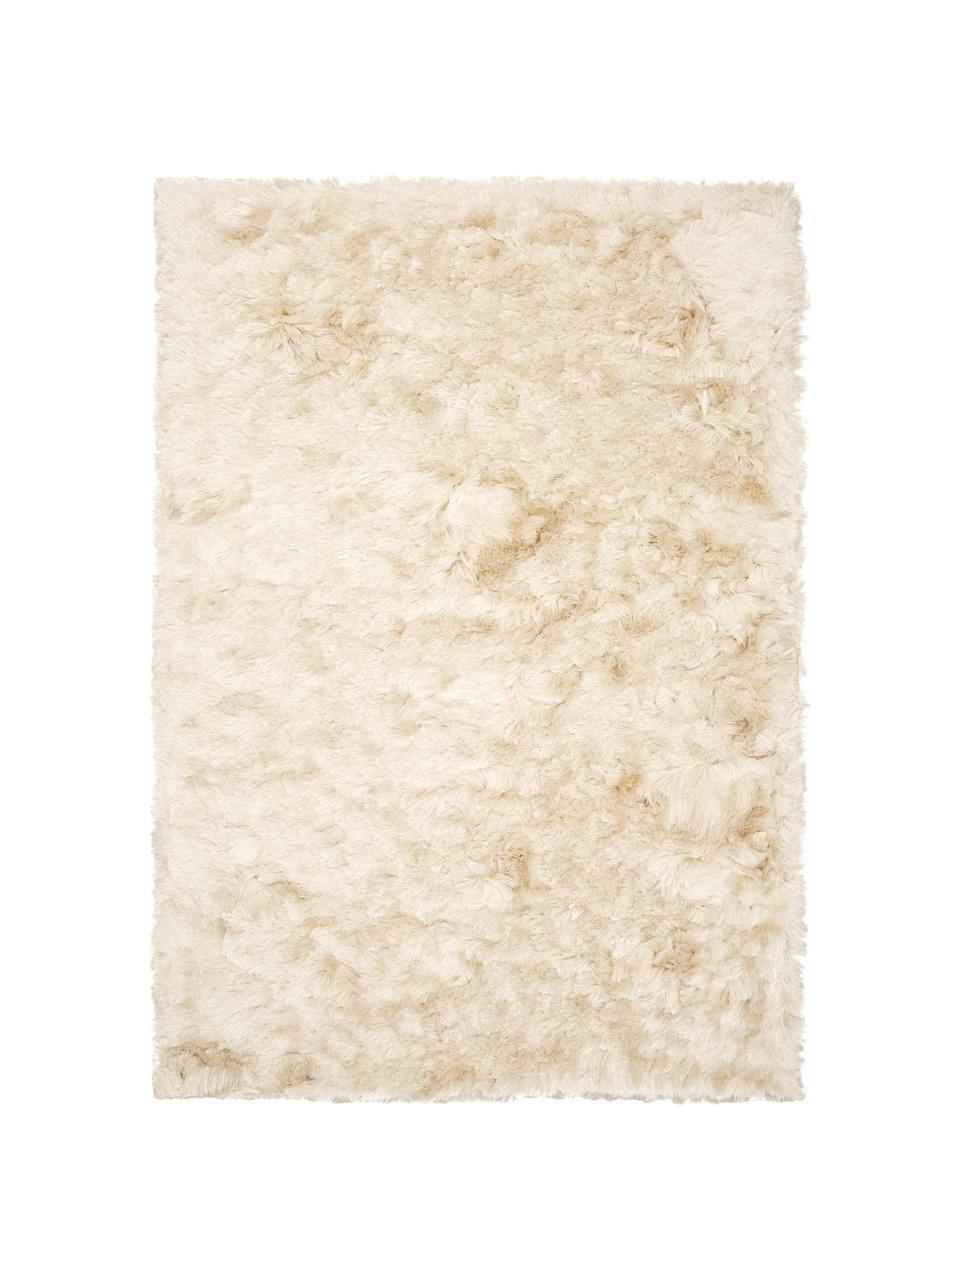 Tapis shaggy longs poils ivoire Jimmy, Blanc ivoire